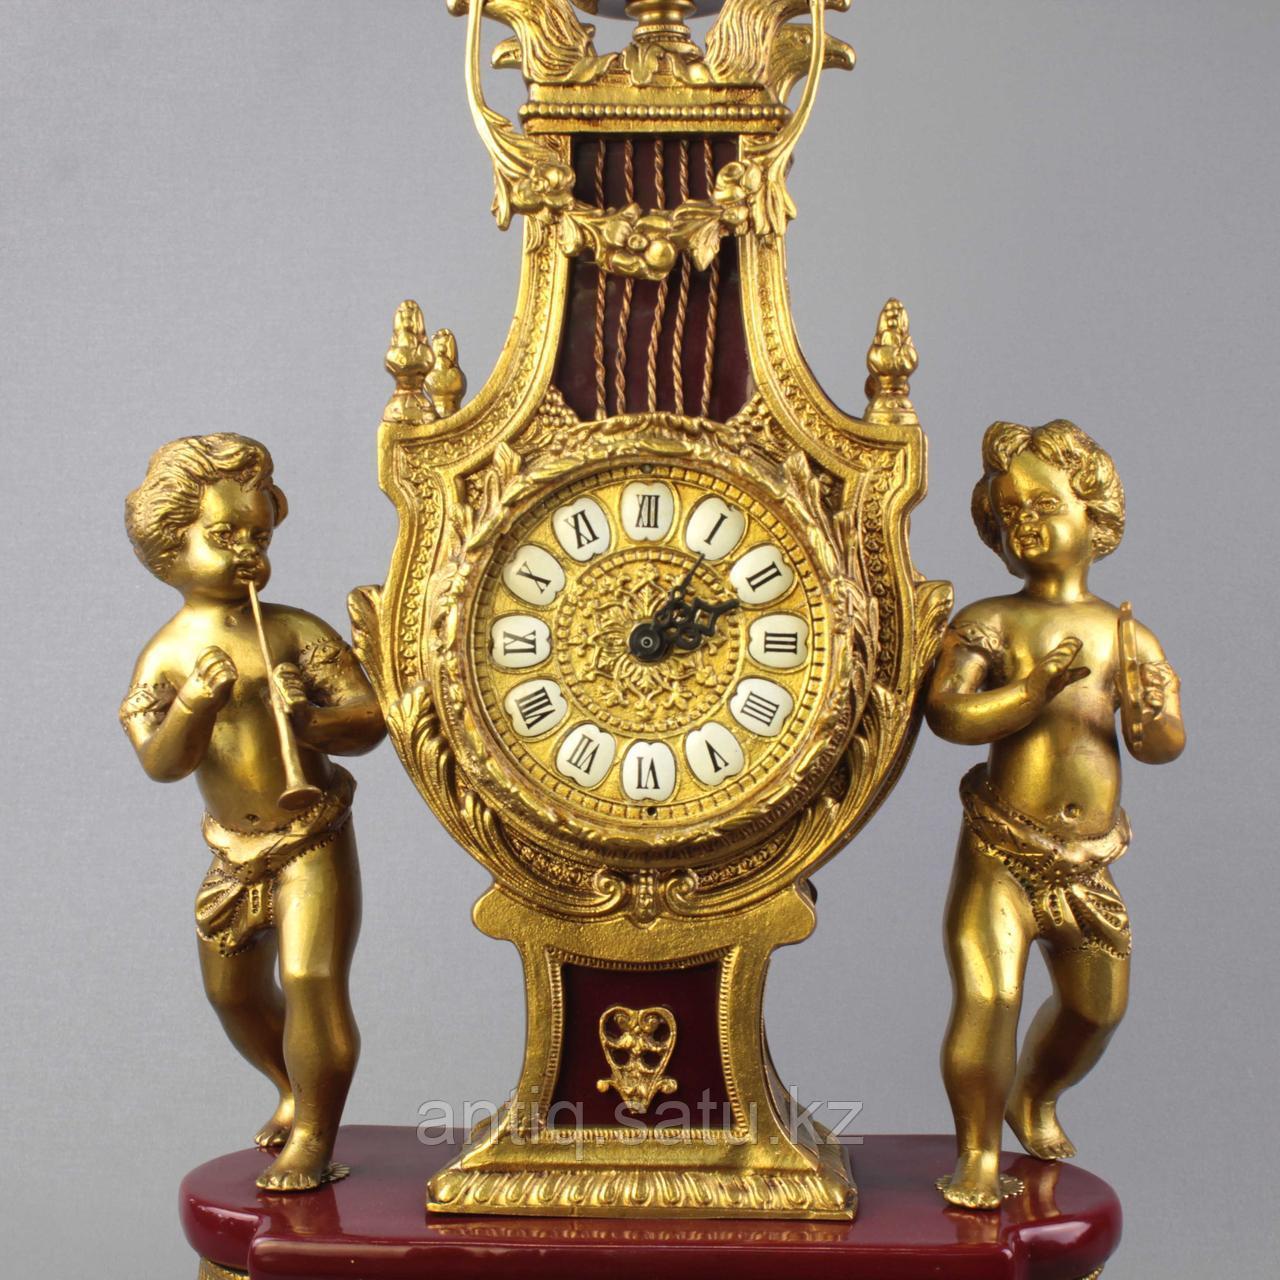 Дворцовые каминные часы. - фото 5